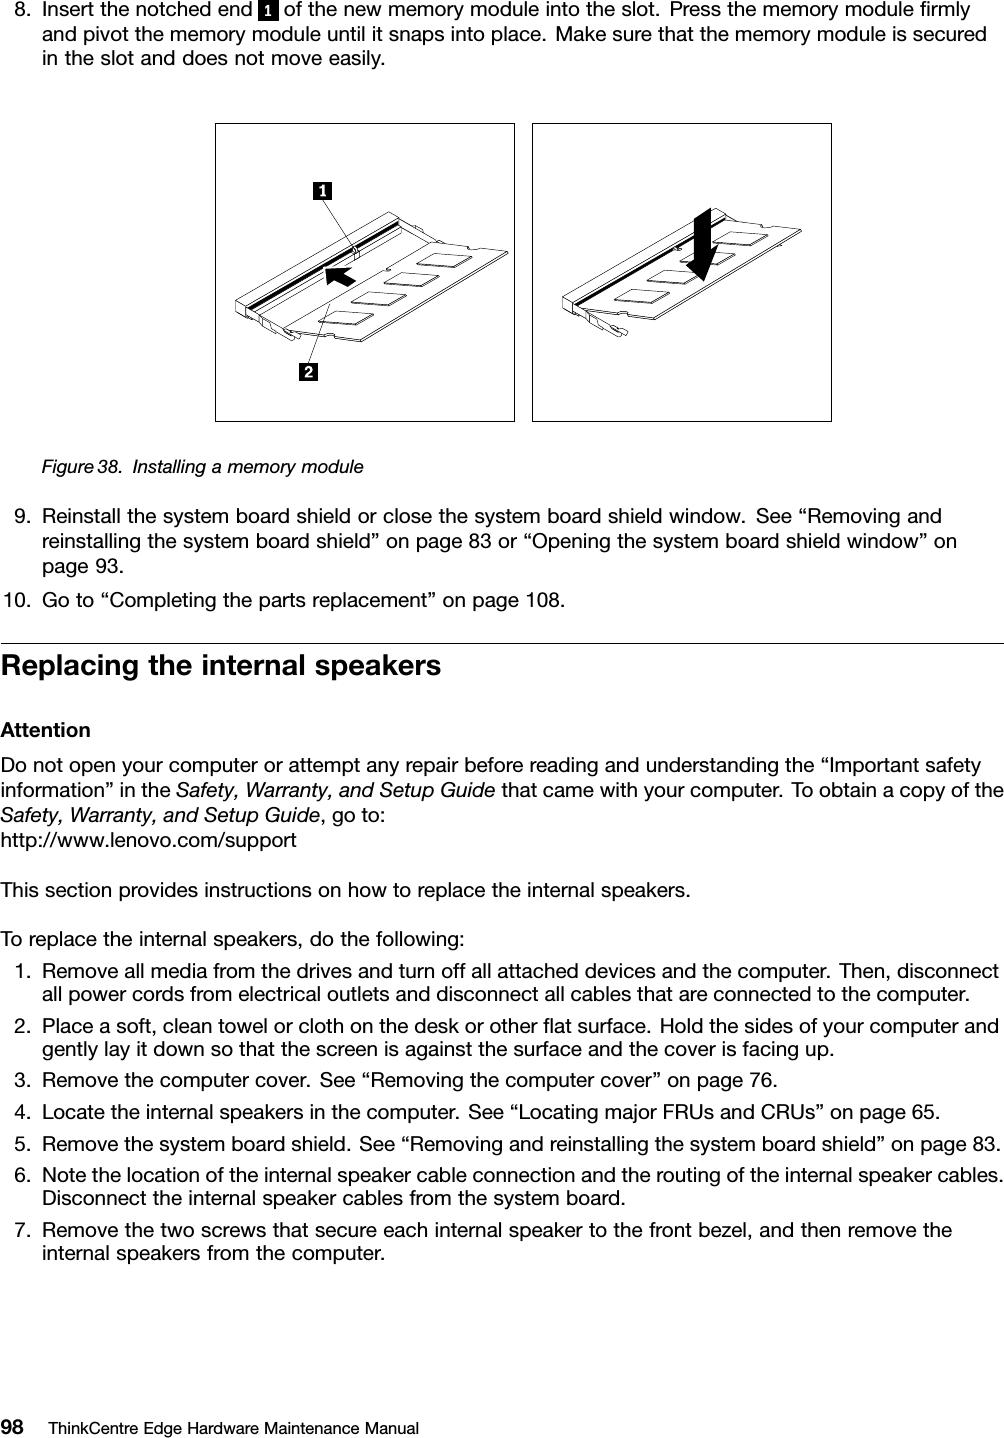 Lenovo Edge92Z Hmm Us User Manual Edge 92z All in One (Think